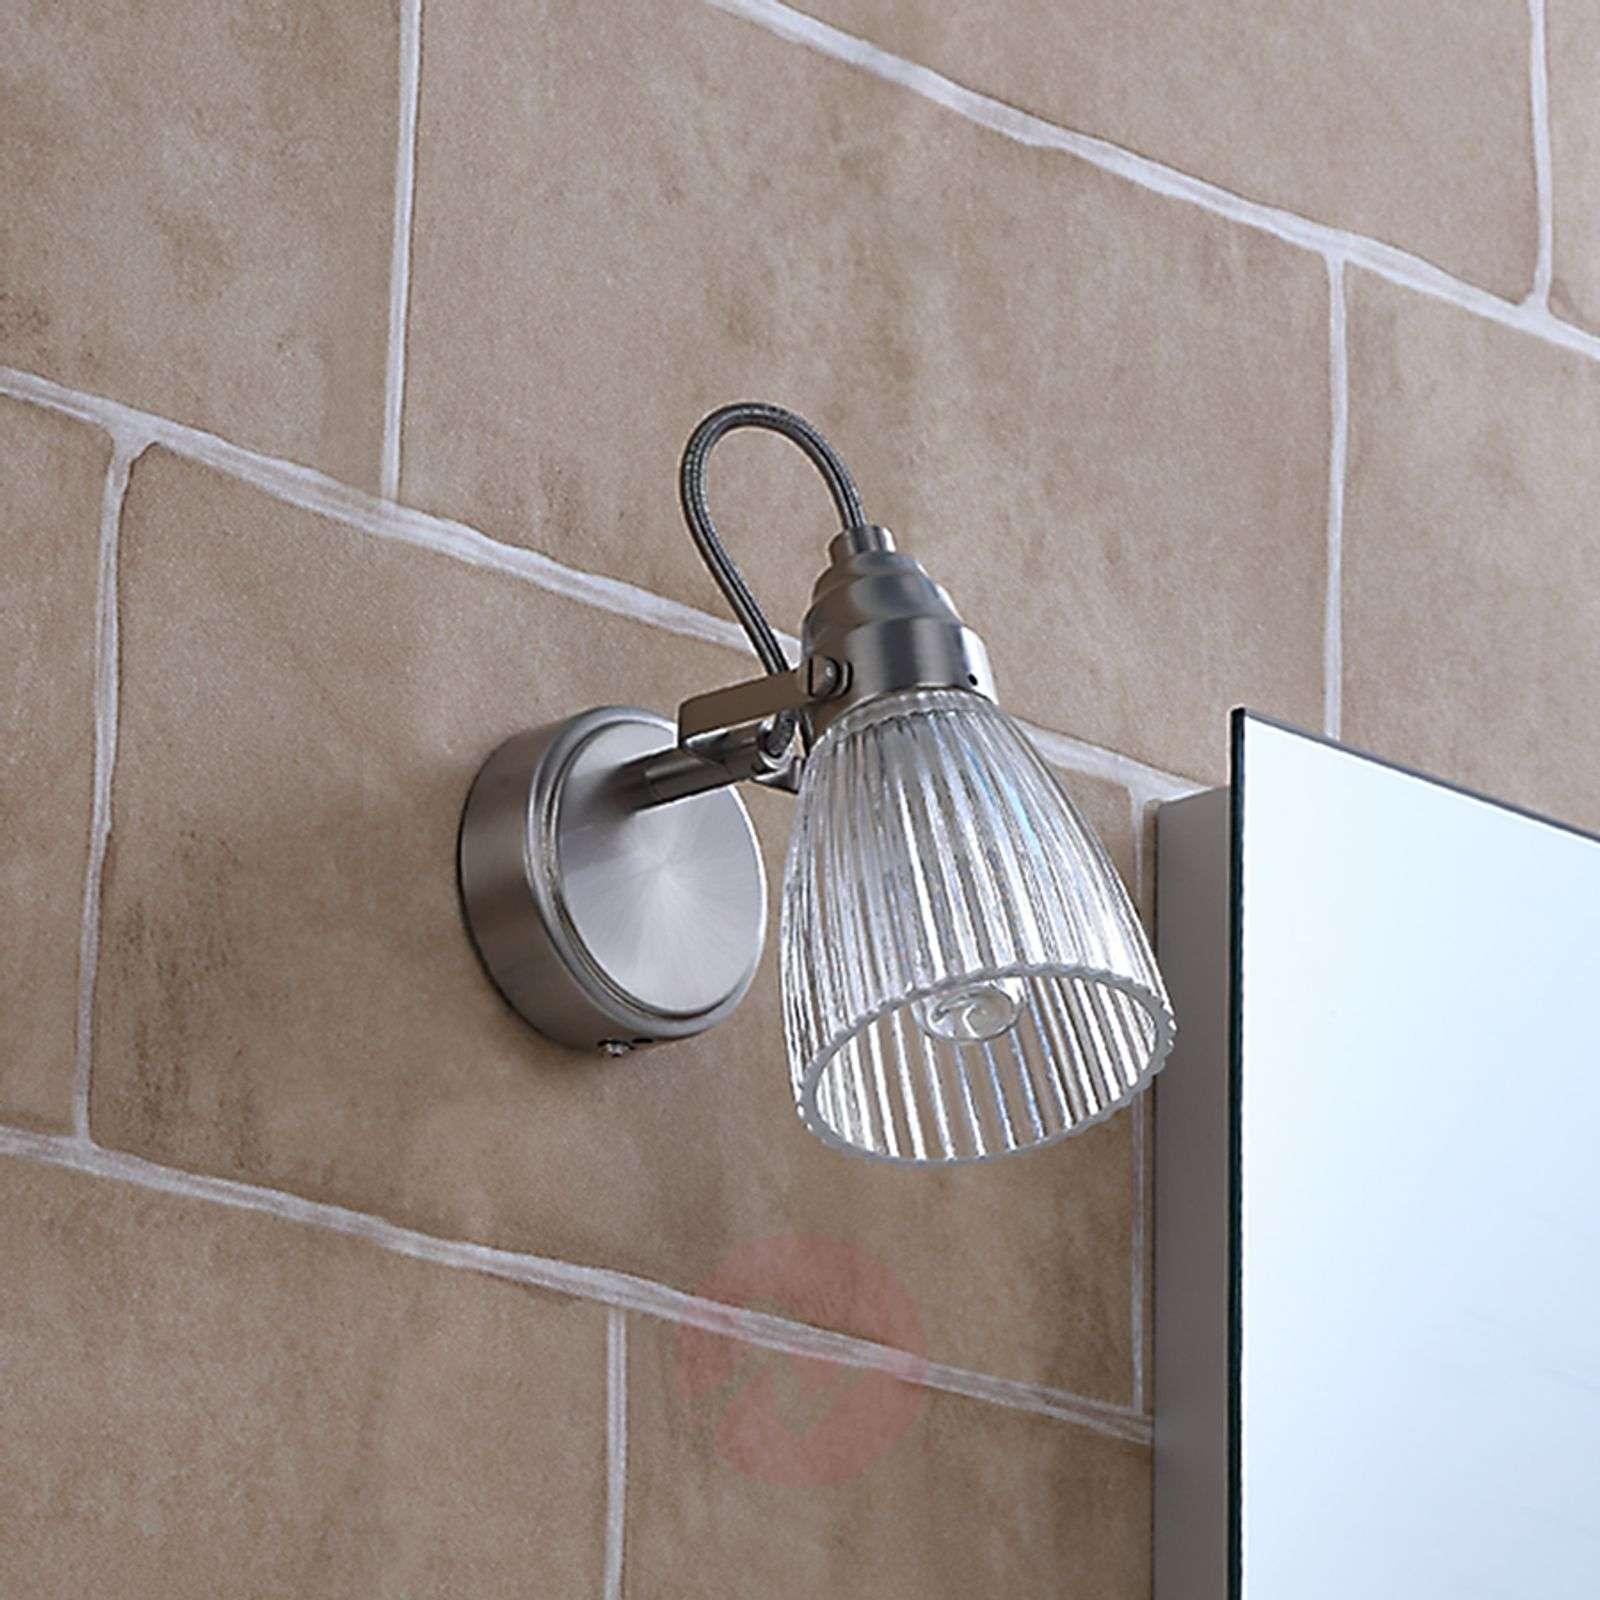 Kaunis kylpyhuoneen LED-seinävalaisin Kara, IP44-9620681-01